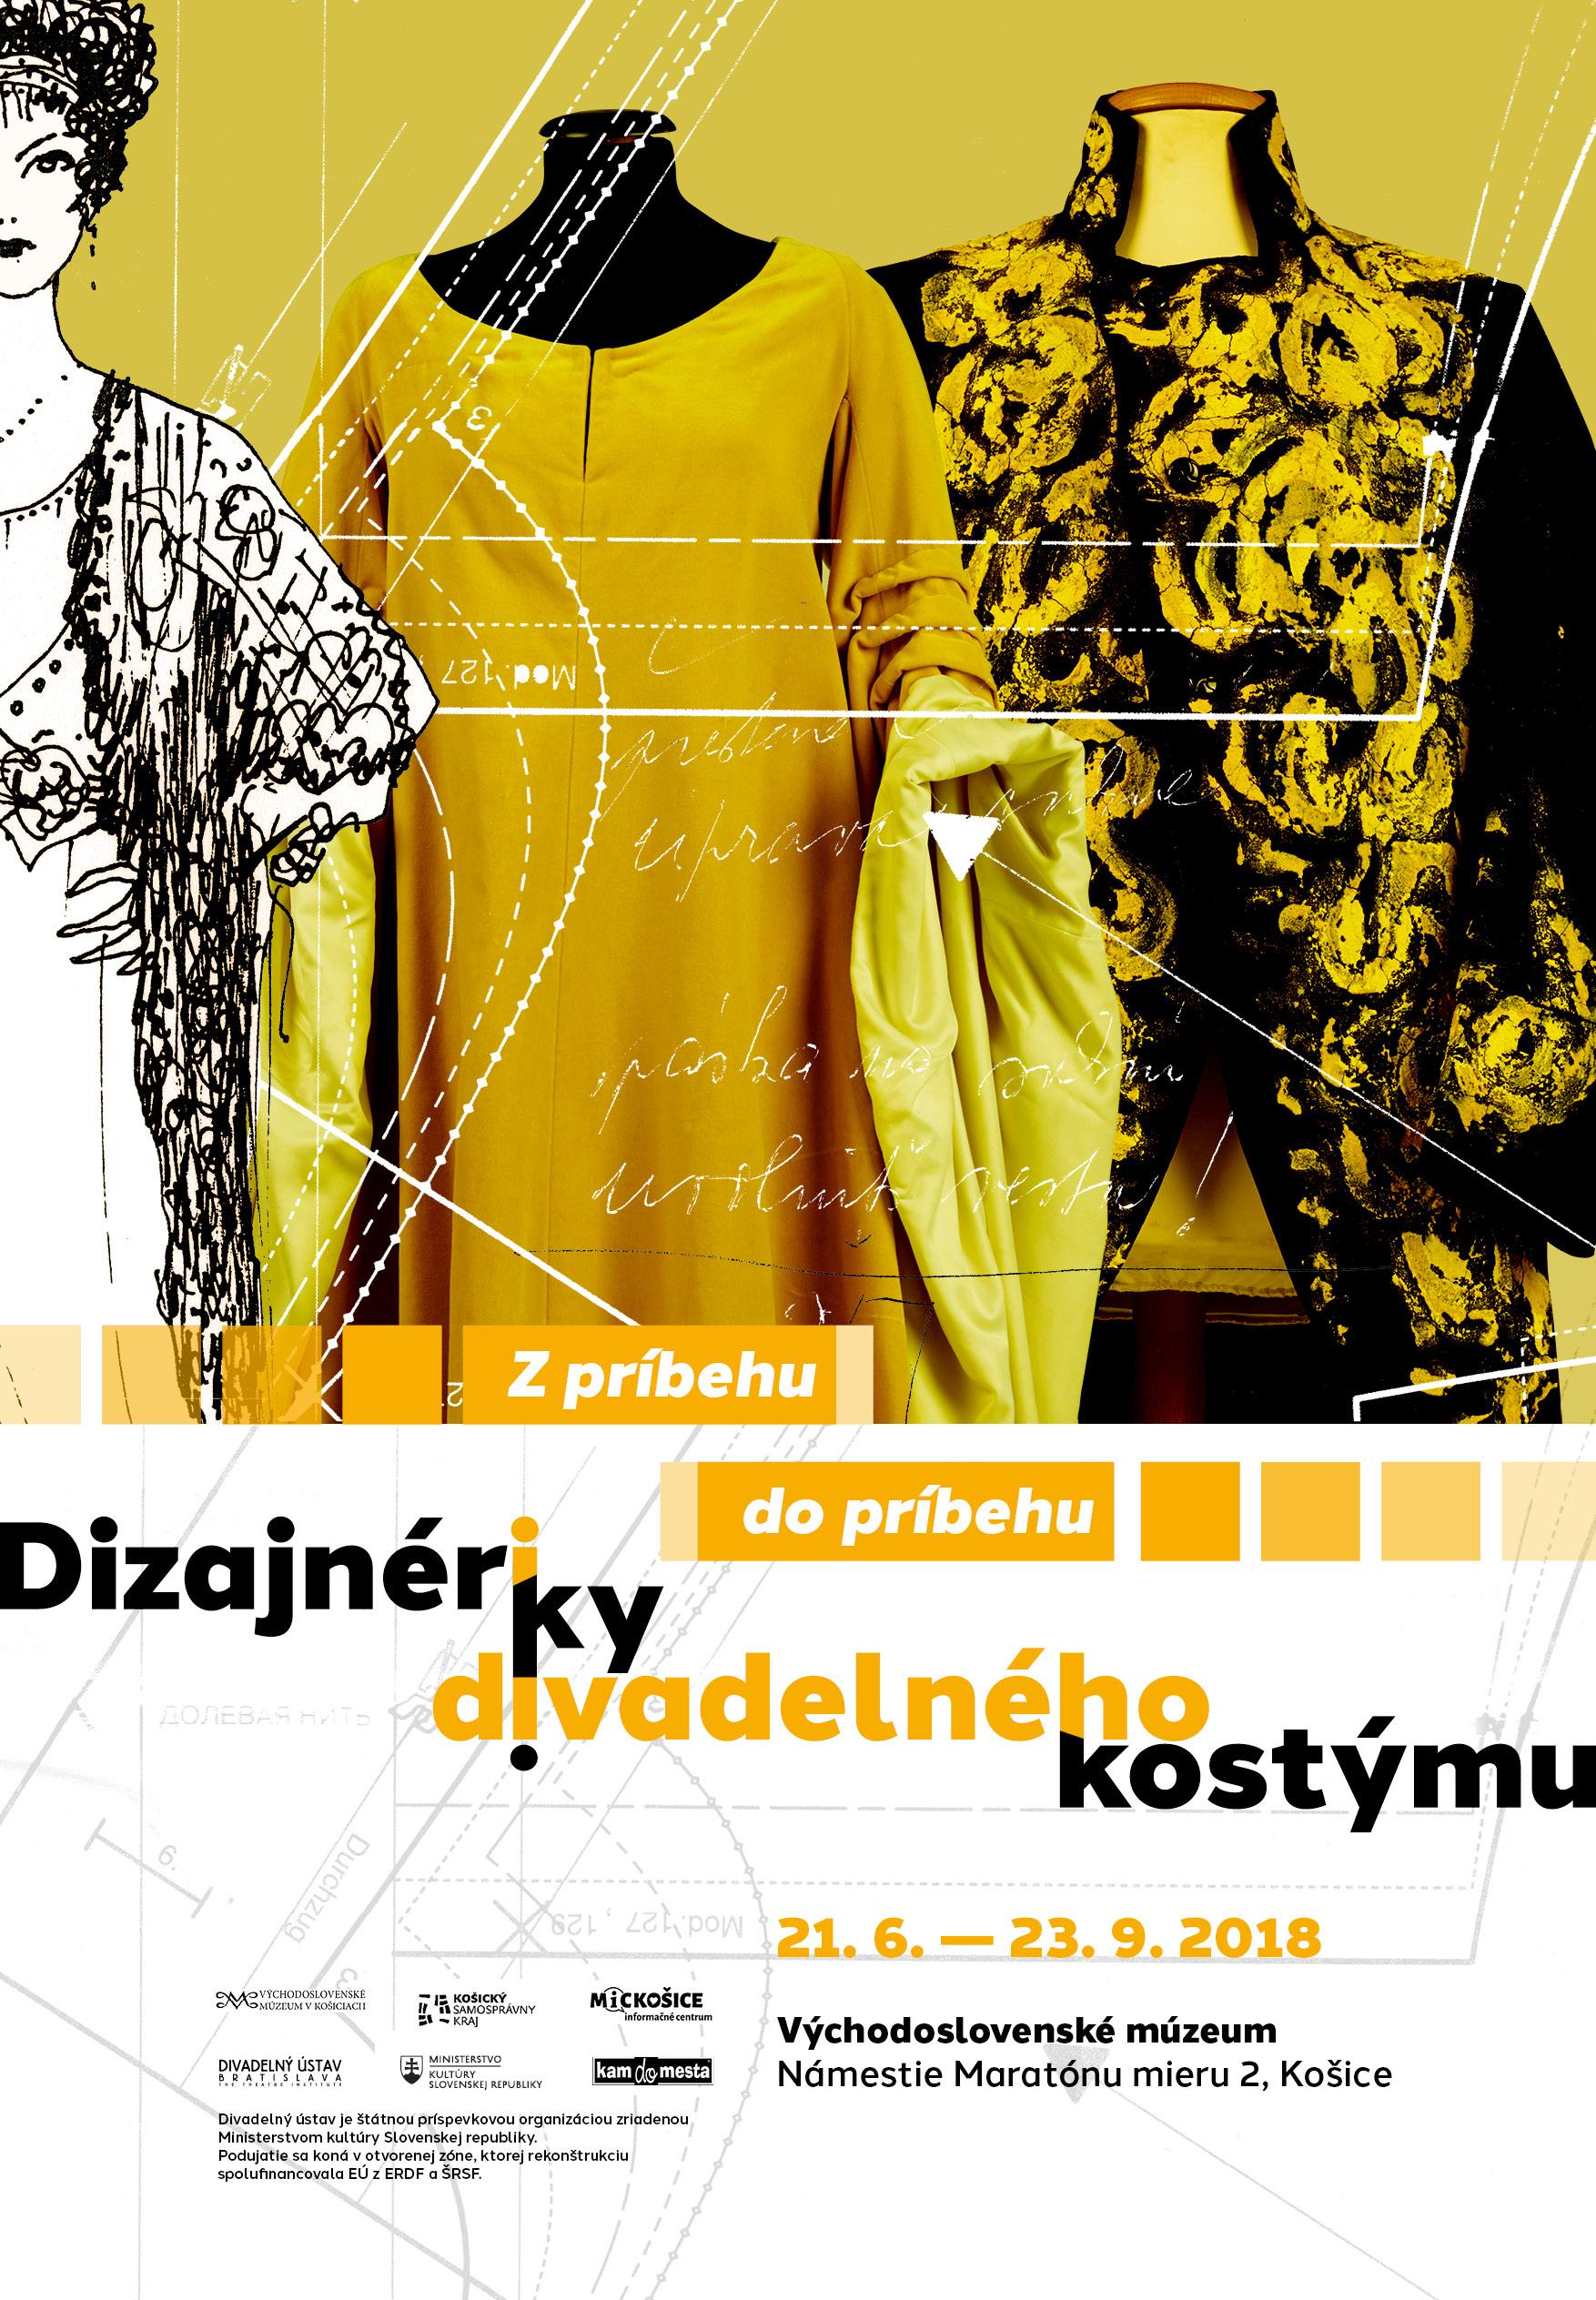 Theatre Institute Bratislava, Designers of Theatre Costume exhibition, poster